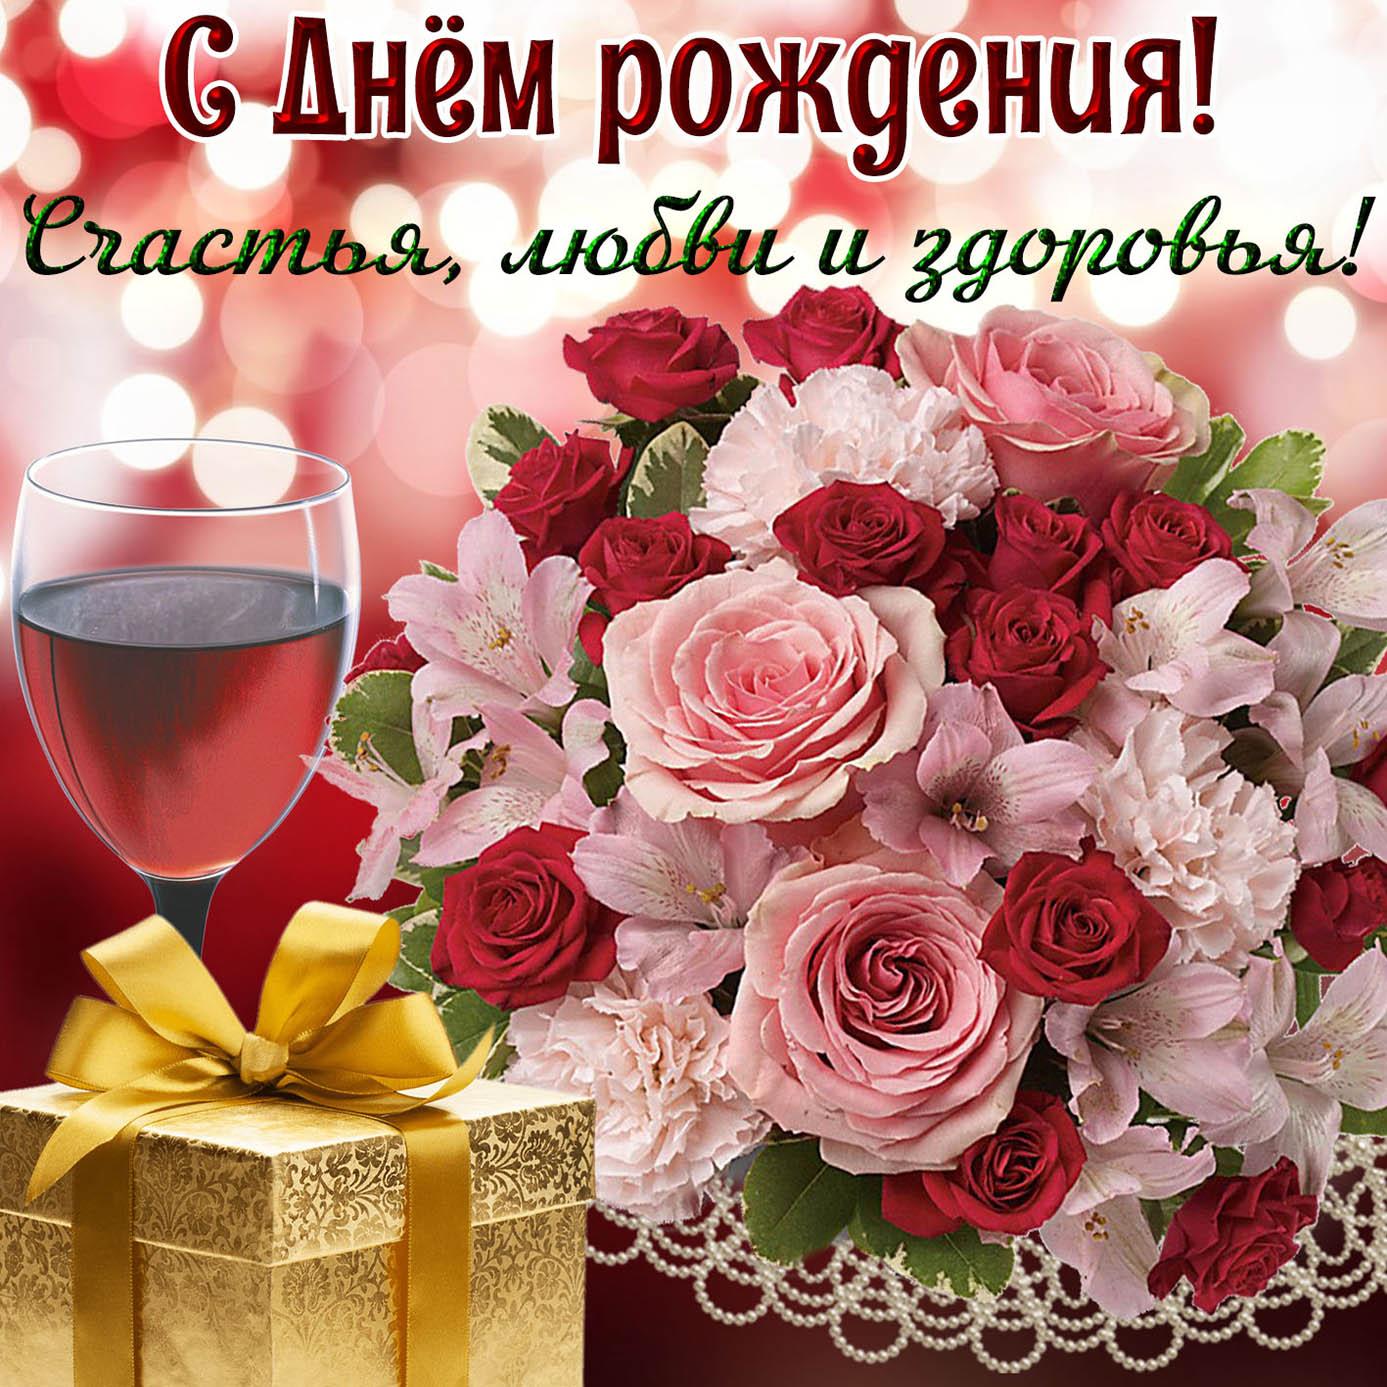 Картинка с розами и подарком для милой женщины